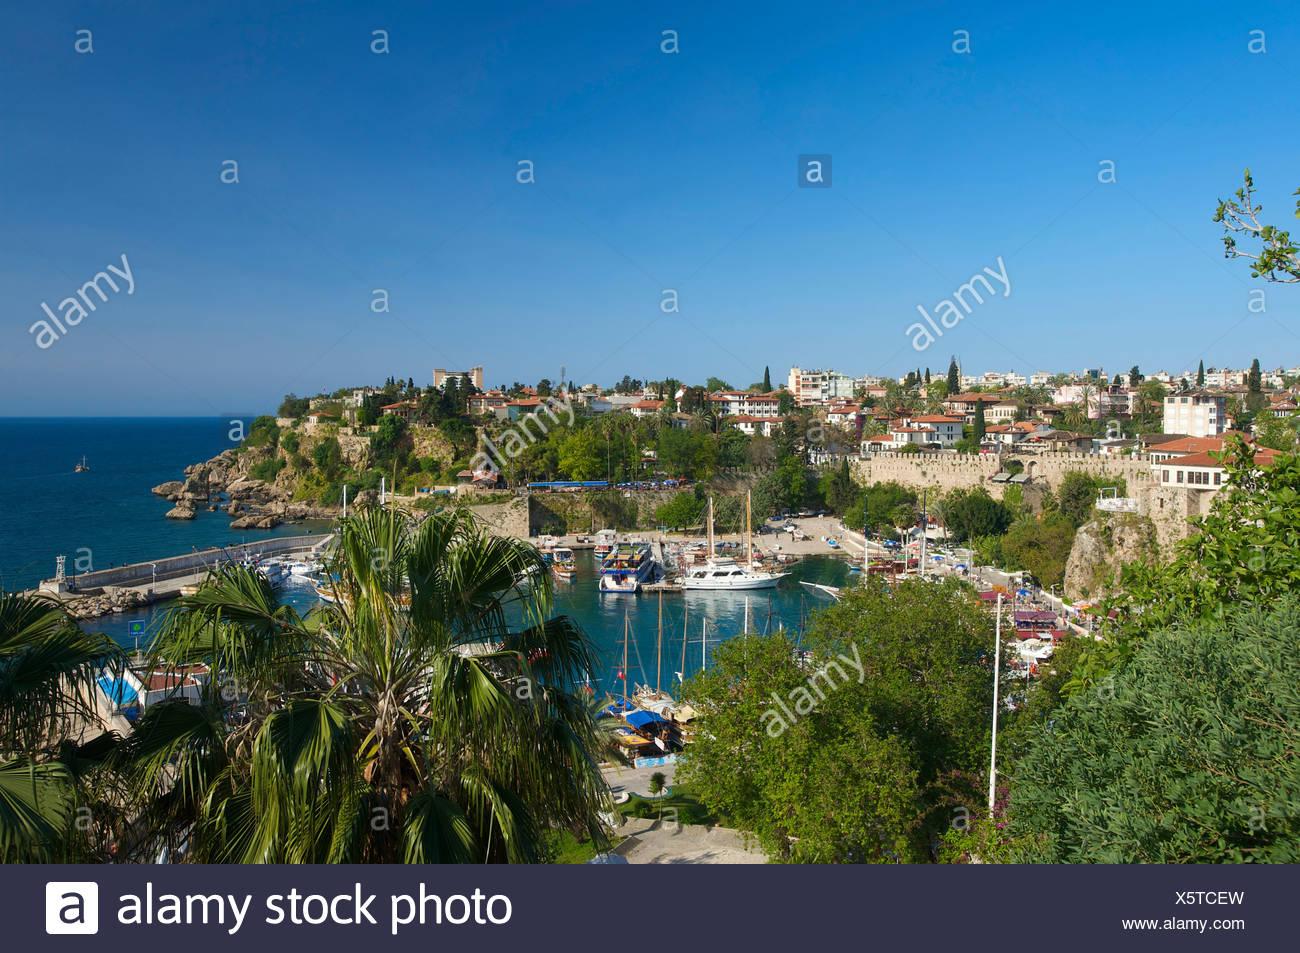 Port of Antalya, Turkish Riviera, Turkey - Stock Image